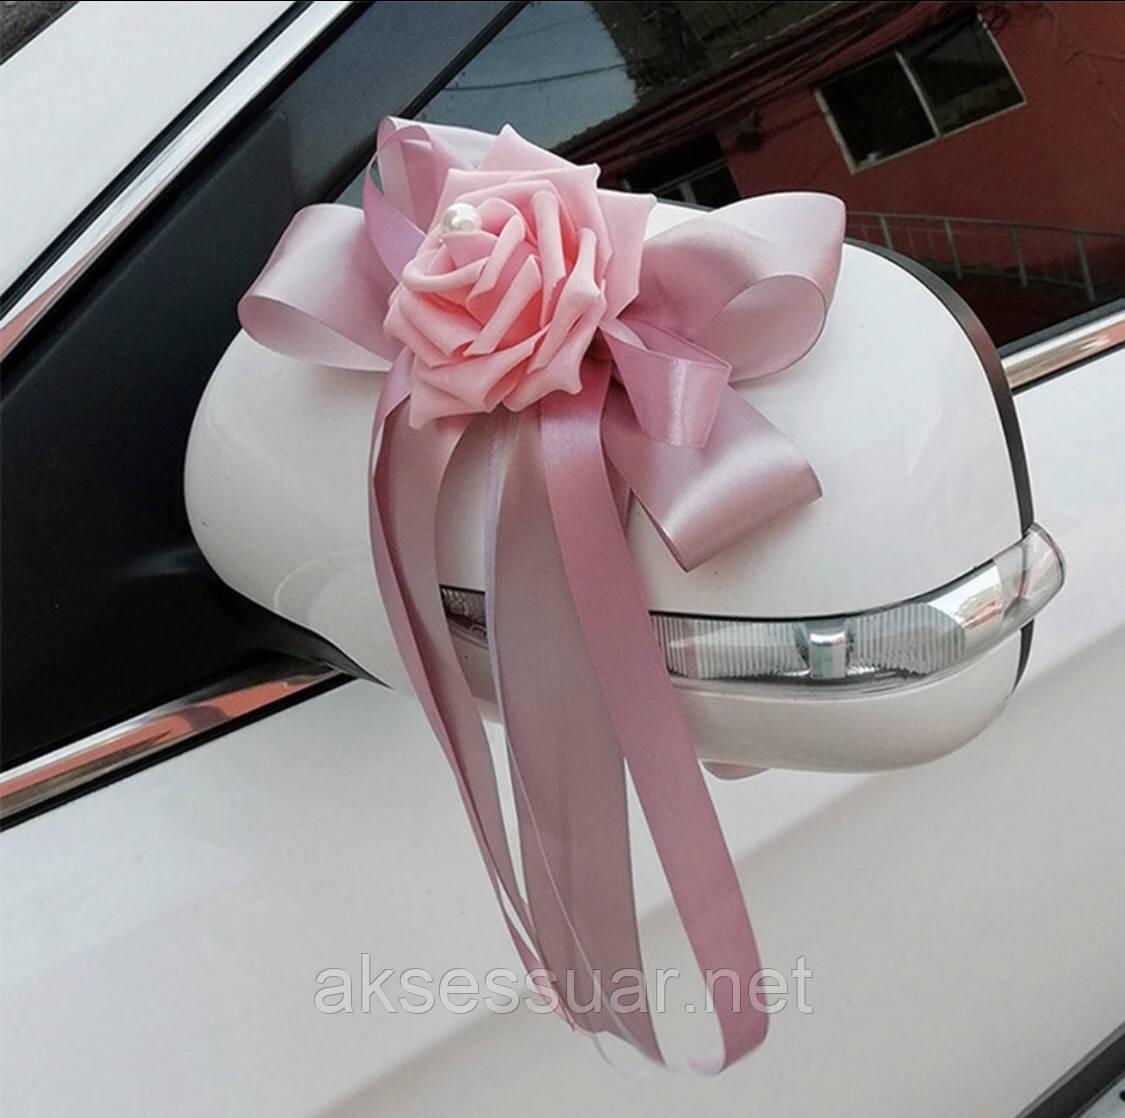 Трояндочки на ручки весільної машини